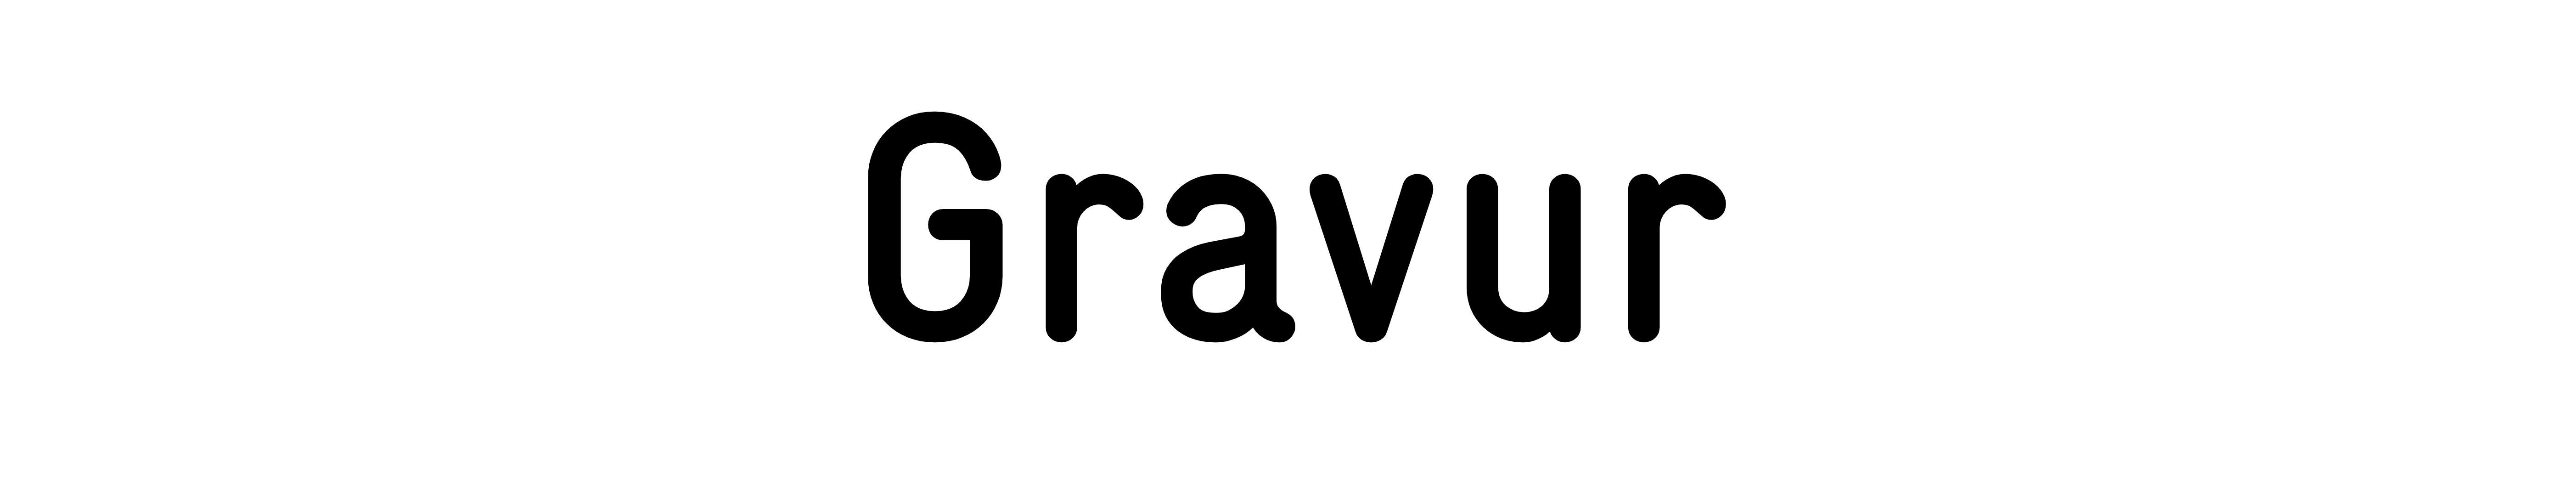 Gravur